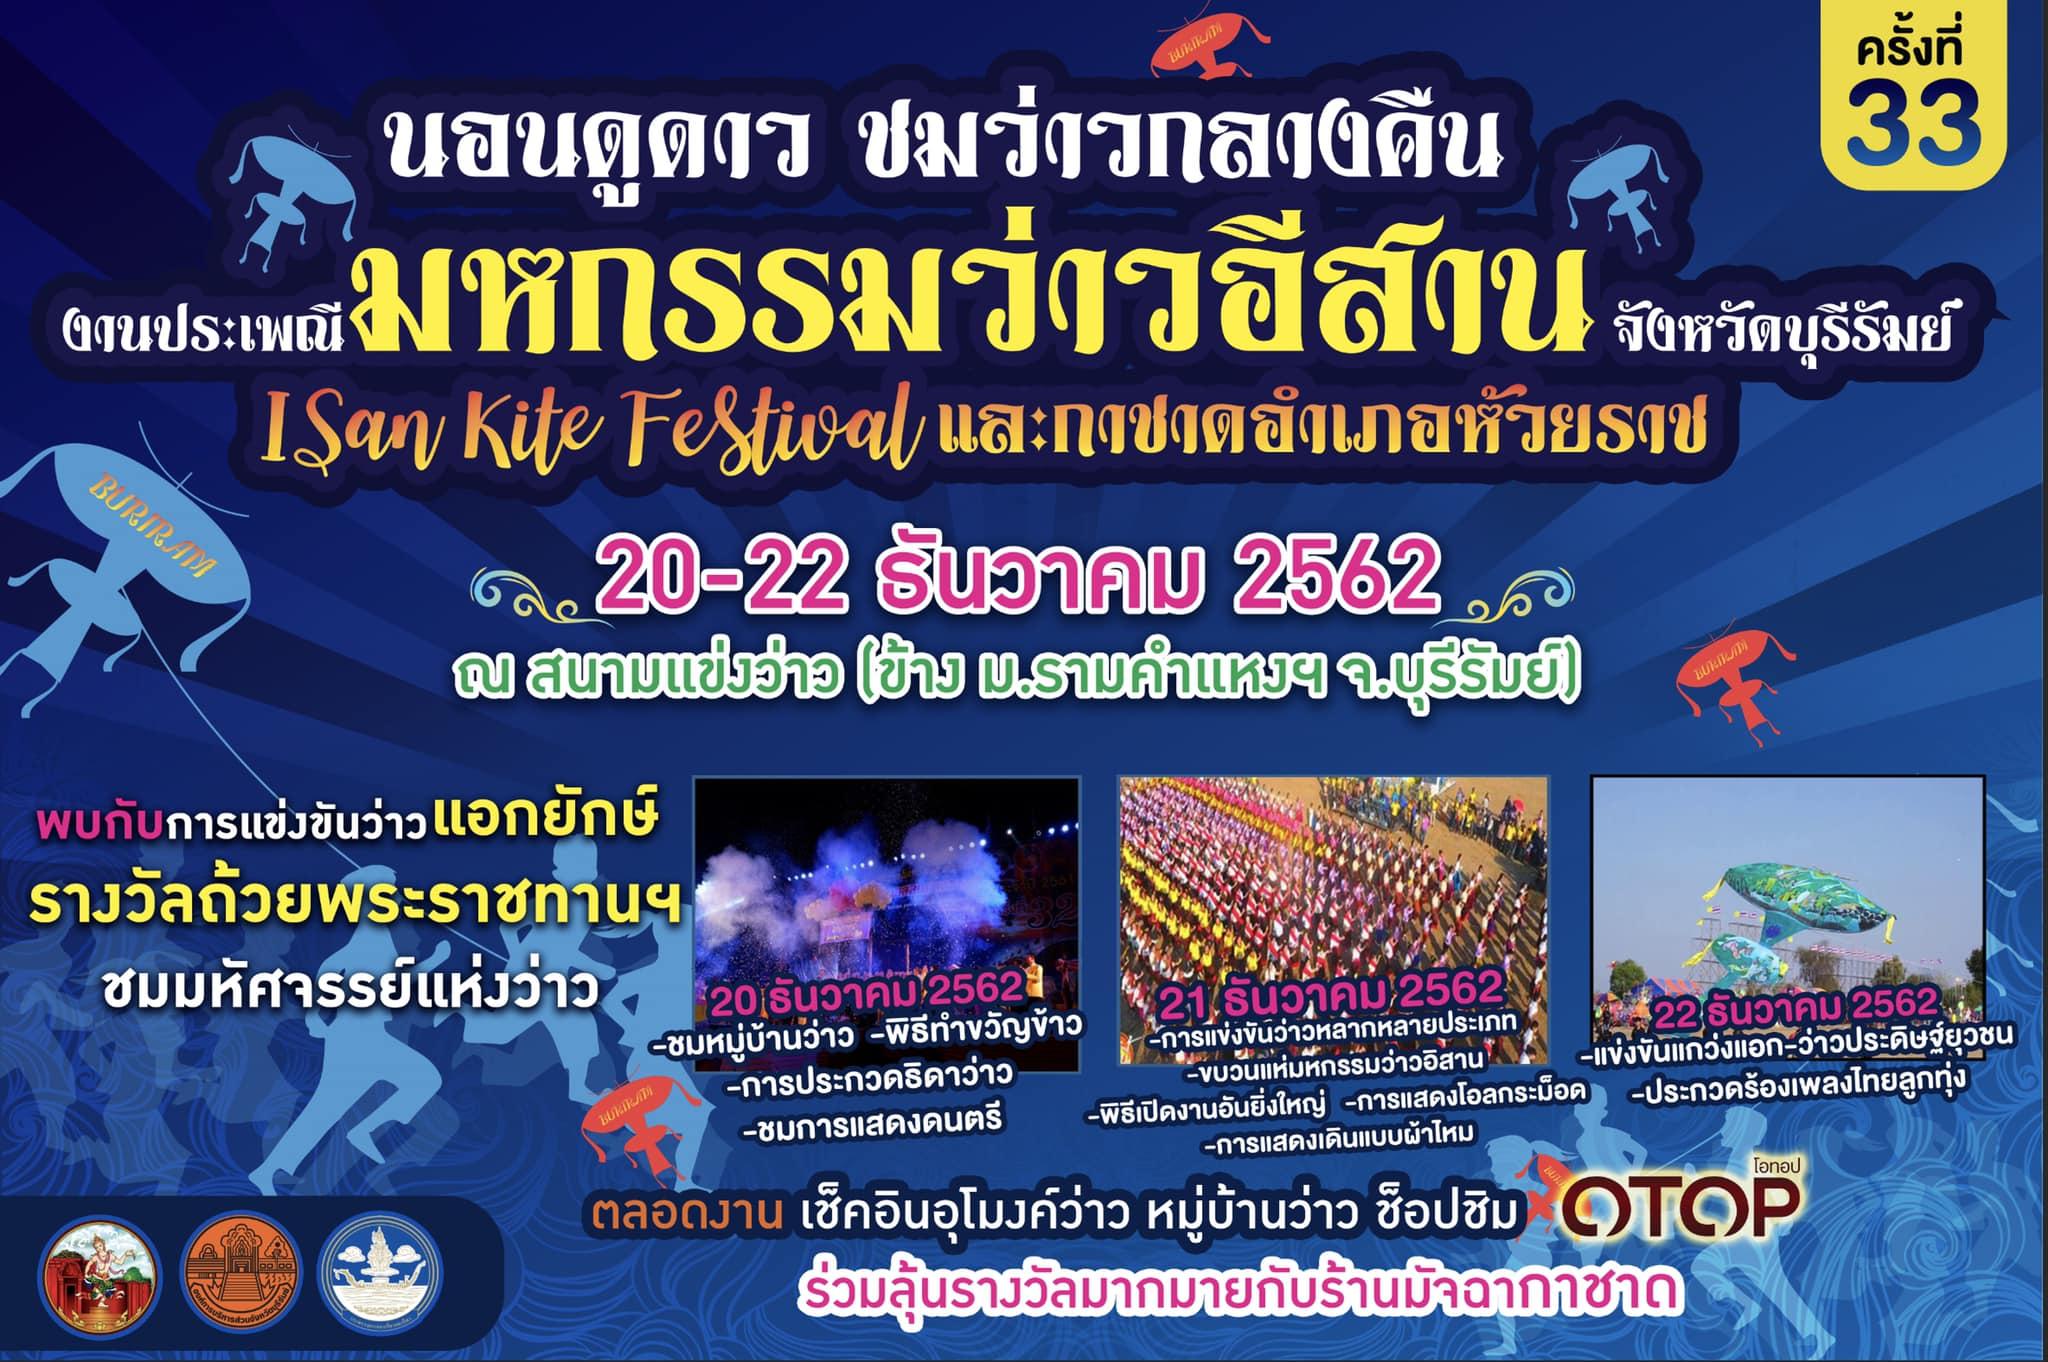 มหกรรมว่าวอีสานจังหวัดบุรีรัมย์ 20-22 ธันวาคม 2562